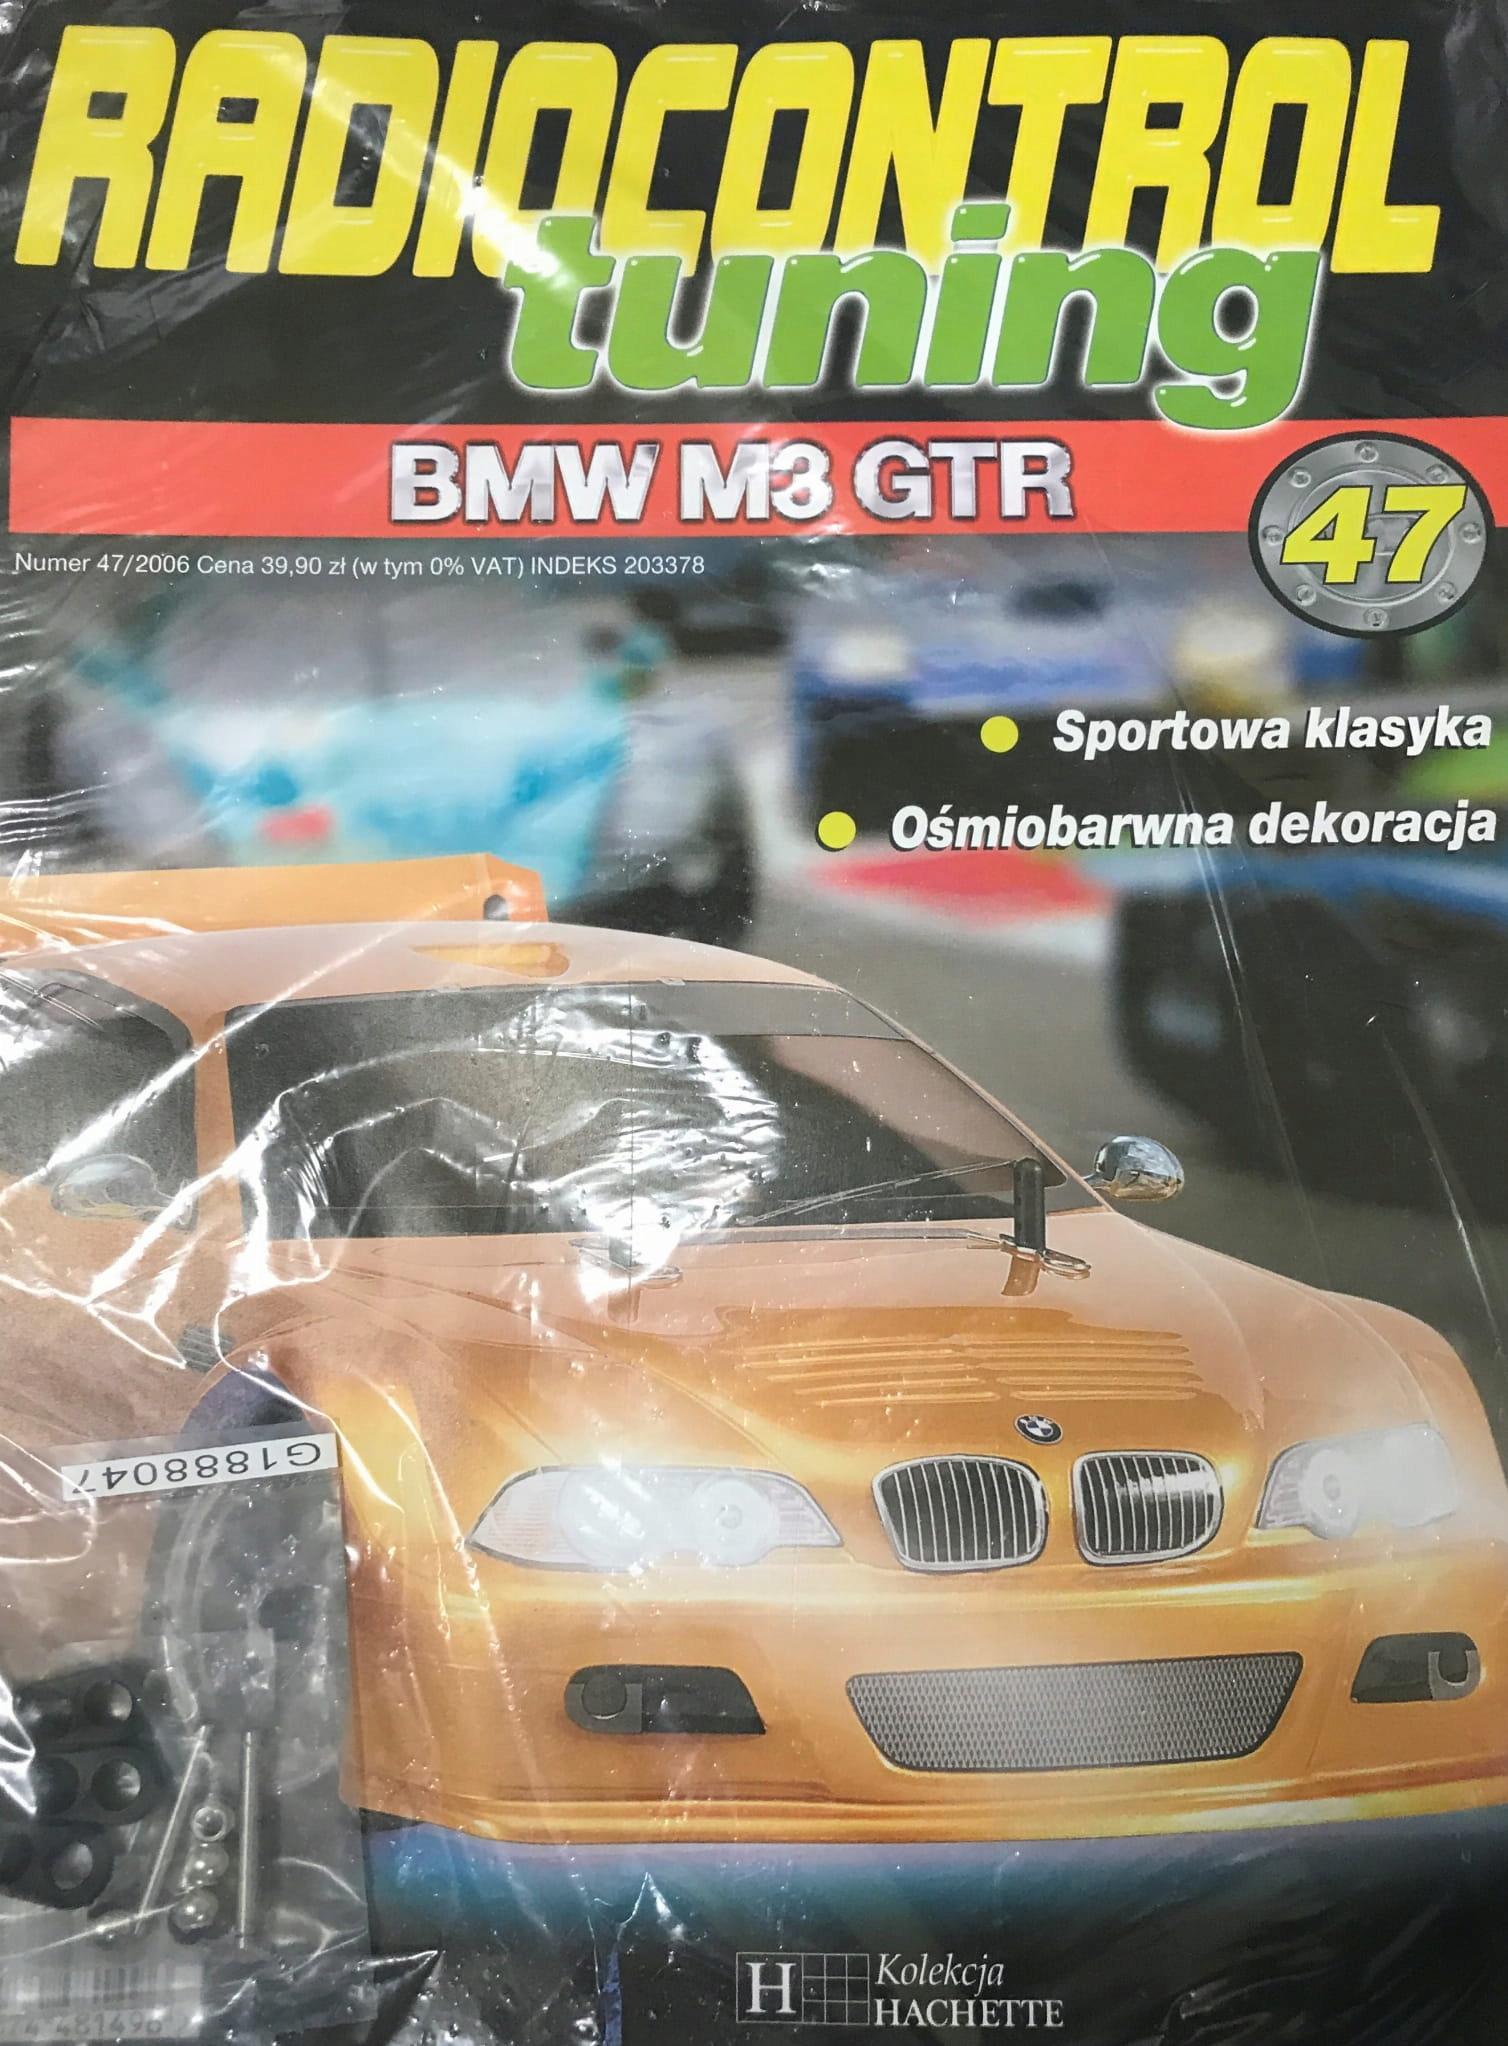 Bmw M3 Gtr Radiocontrol Tuning Nr 47 Hachette Kole 23 99 Zl Allegro Pl Raty 0 Darmowa Dostawa Ze Smart Warszawa Stan Nowy Id Oferty 9254146448